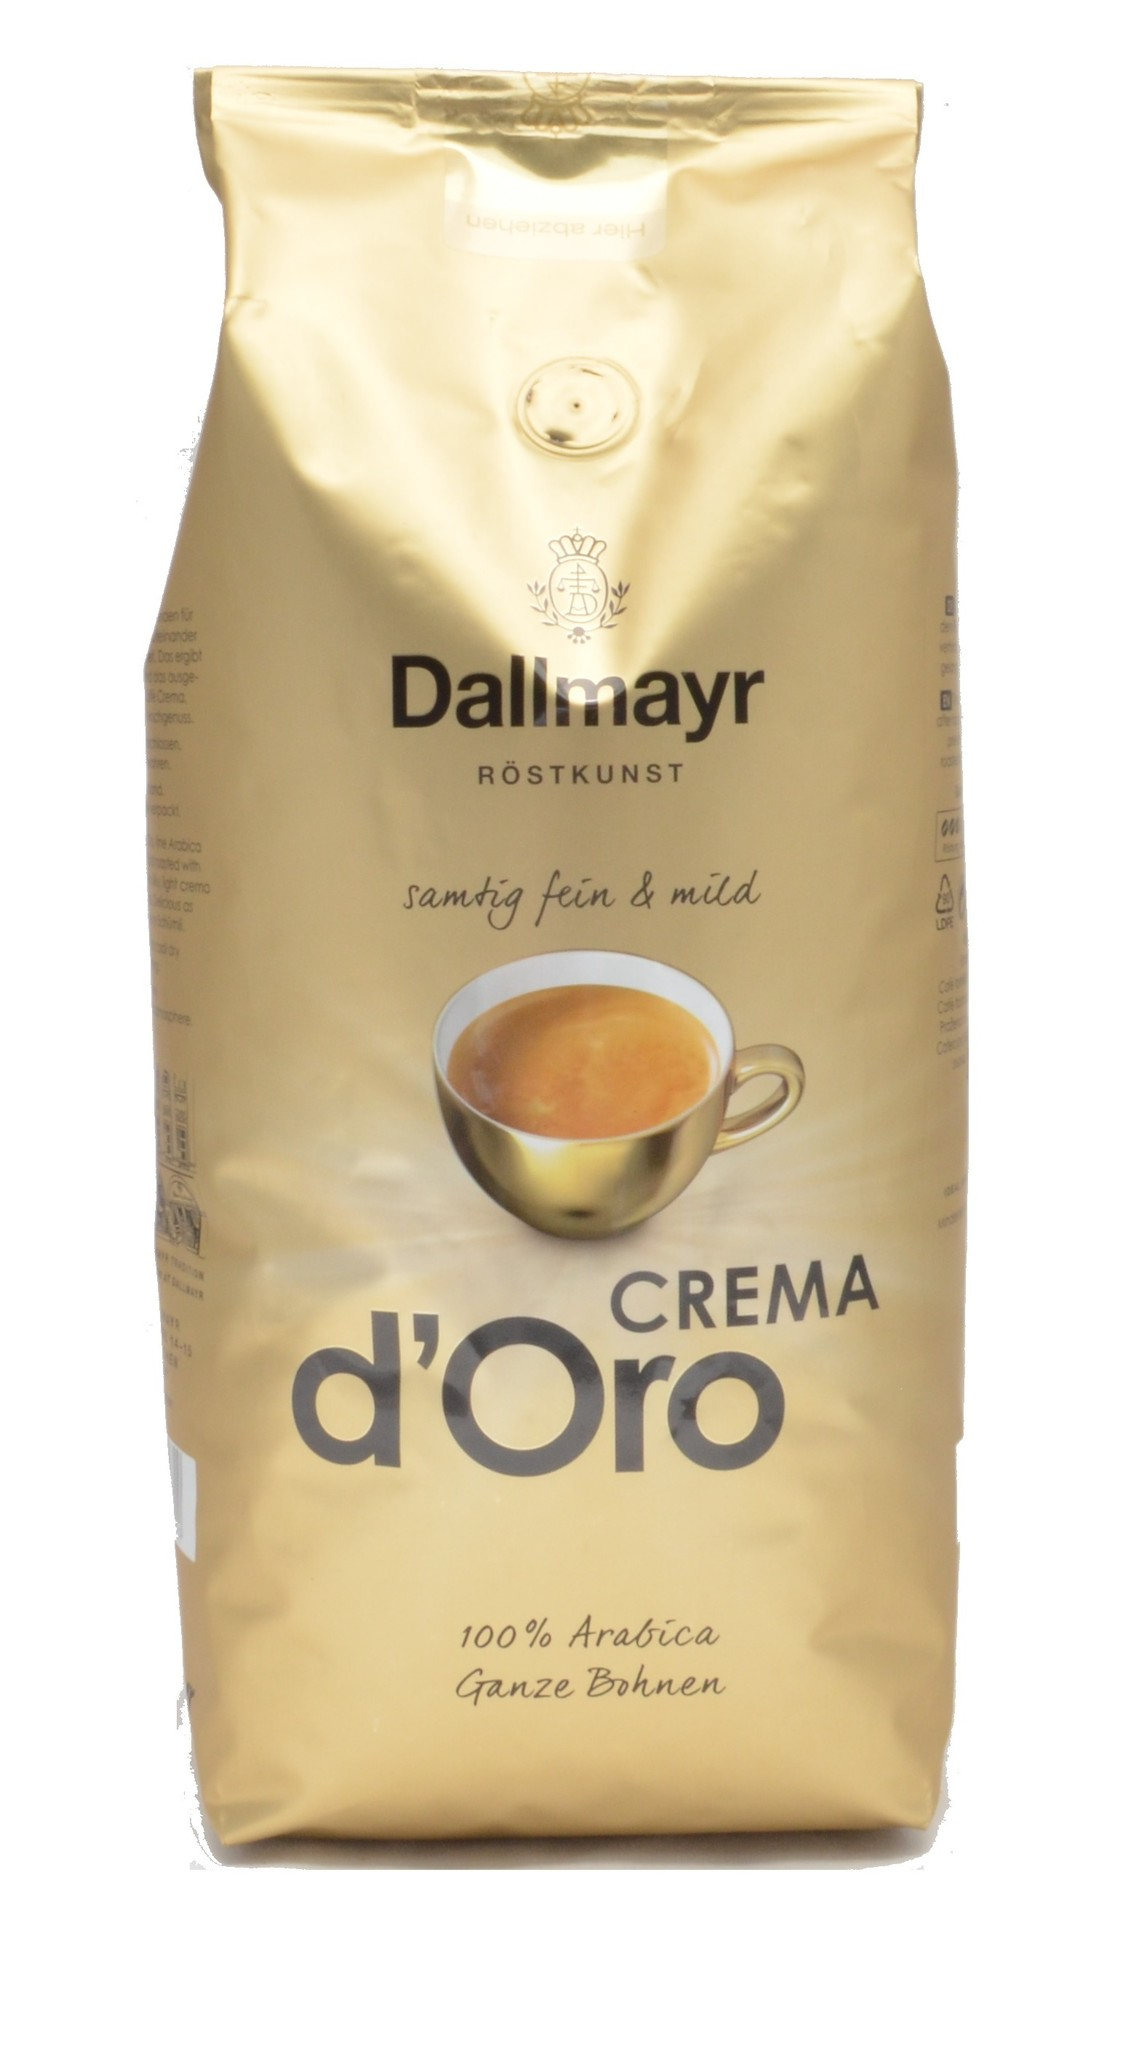 Dallmayr Crema d'Oro Bohnen 1 kg